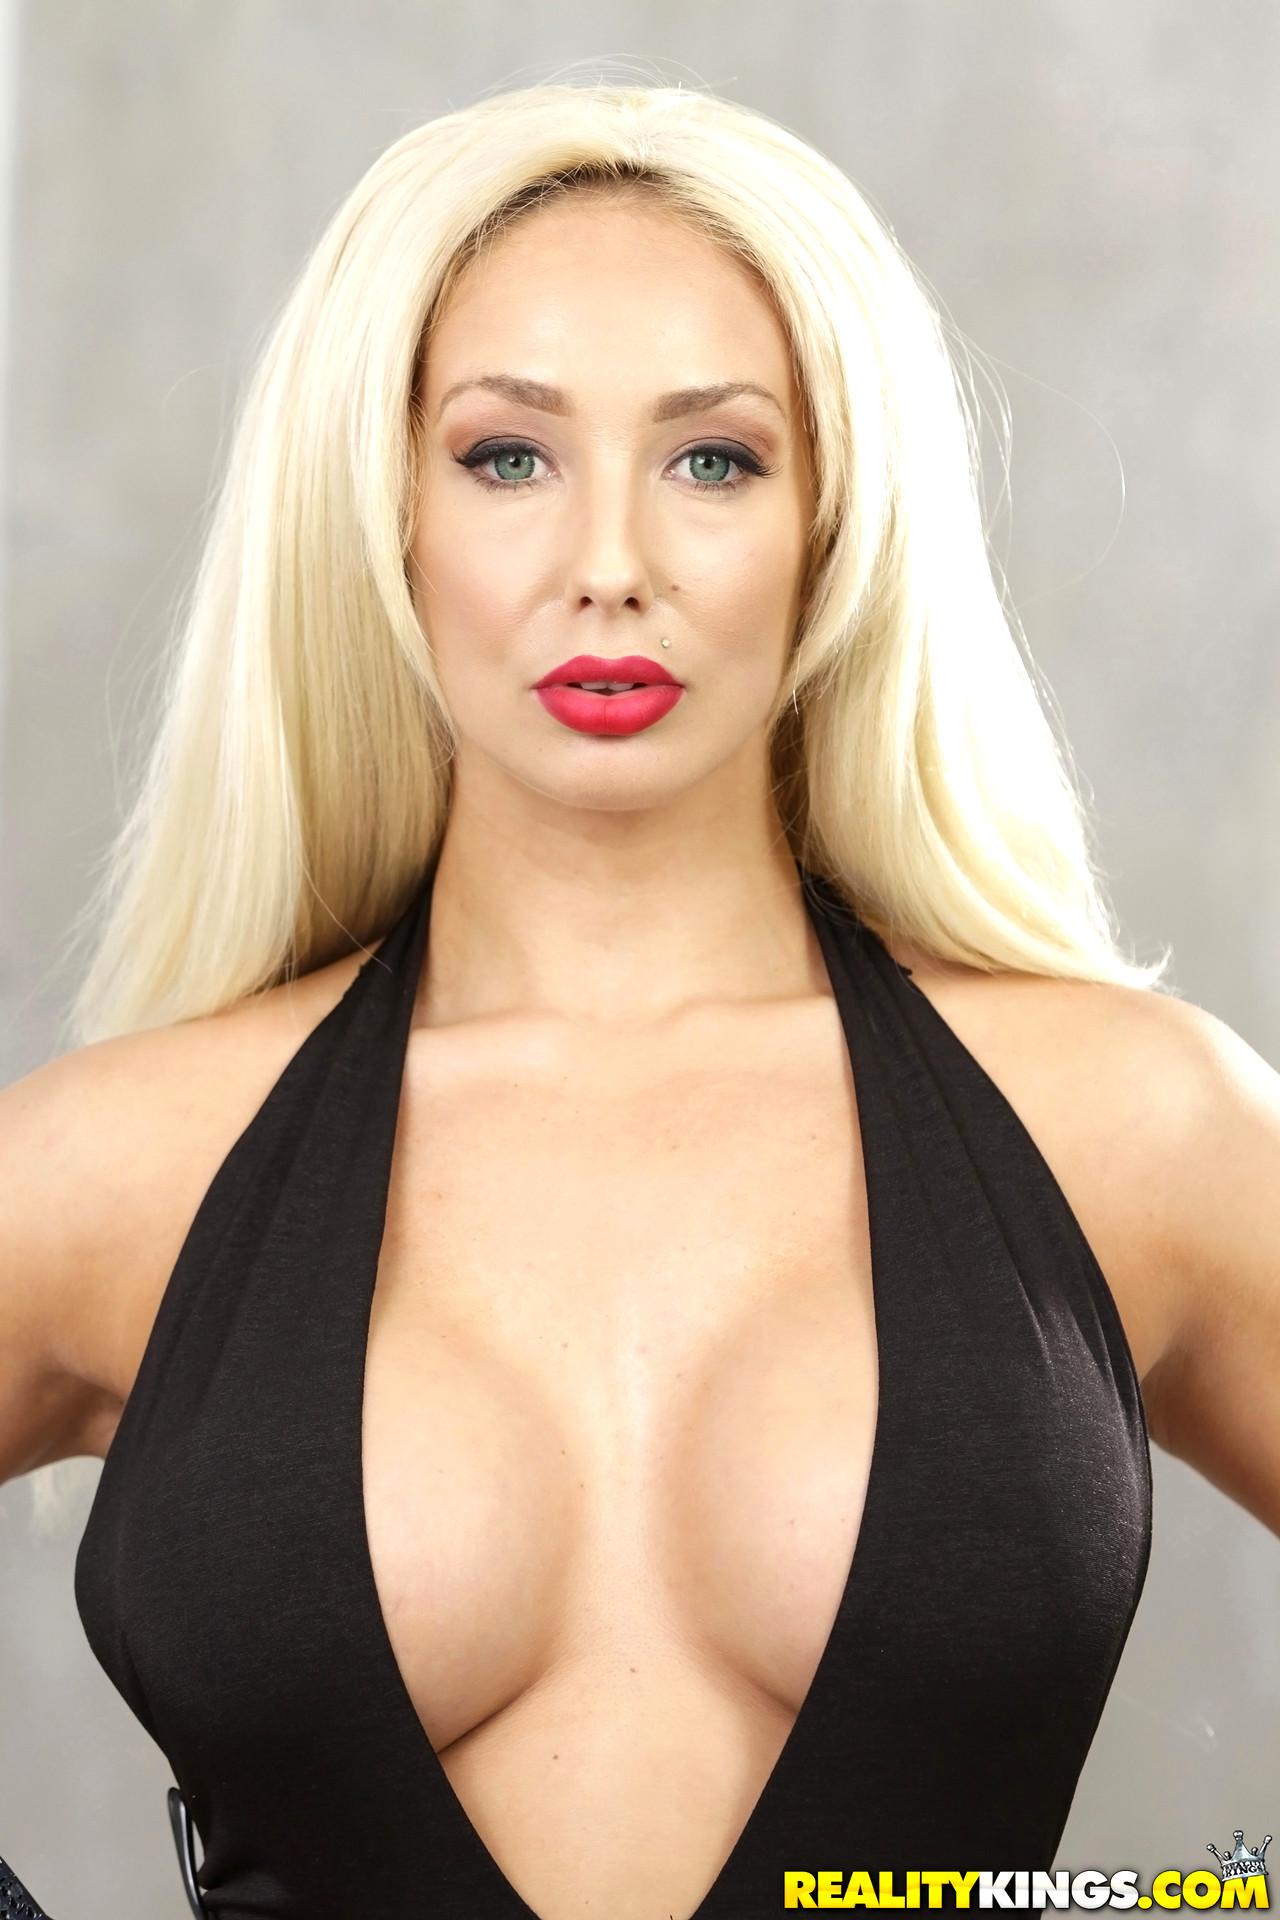 Big Tits Boss Olivia Fox July Big Tits Pornbabe Sex HD Pics